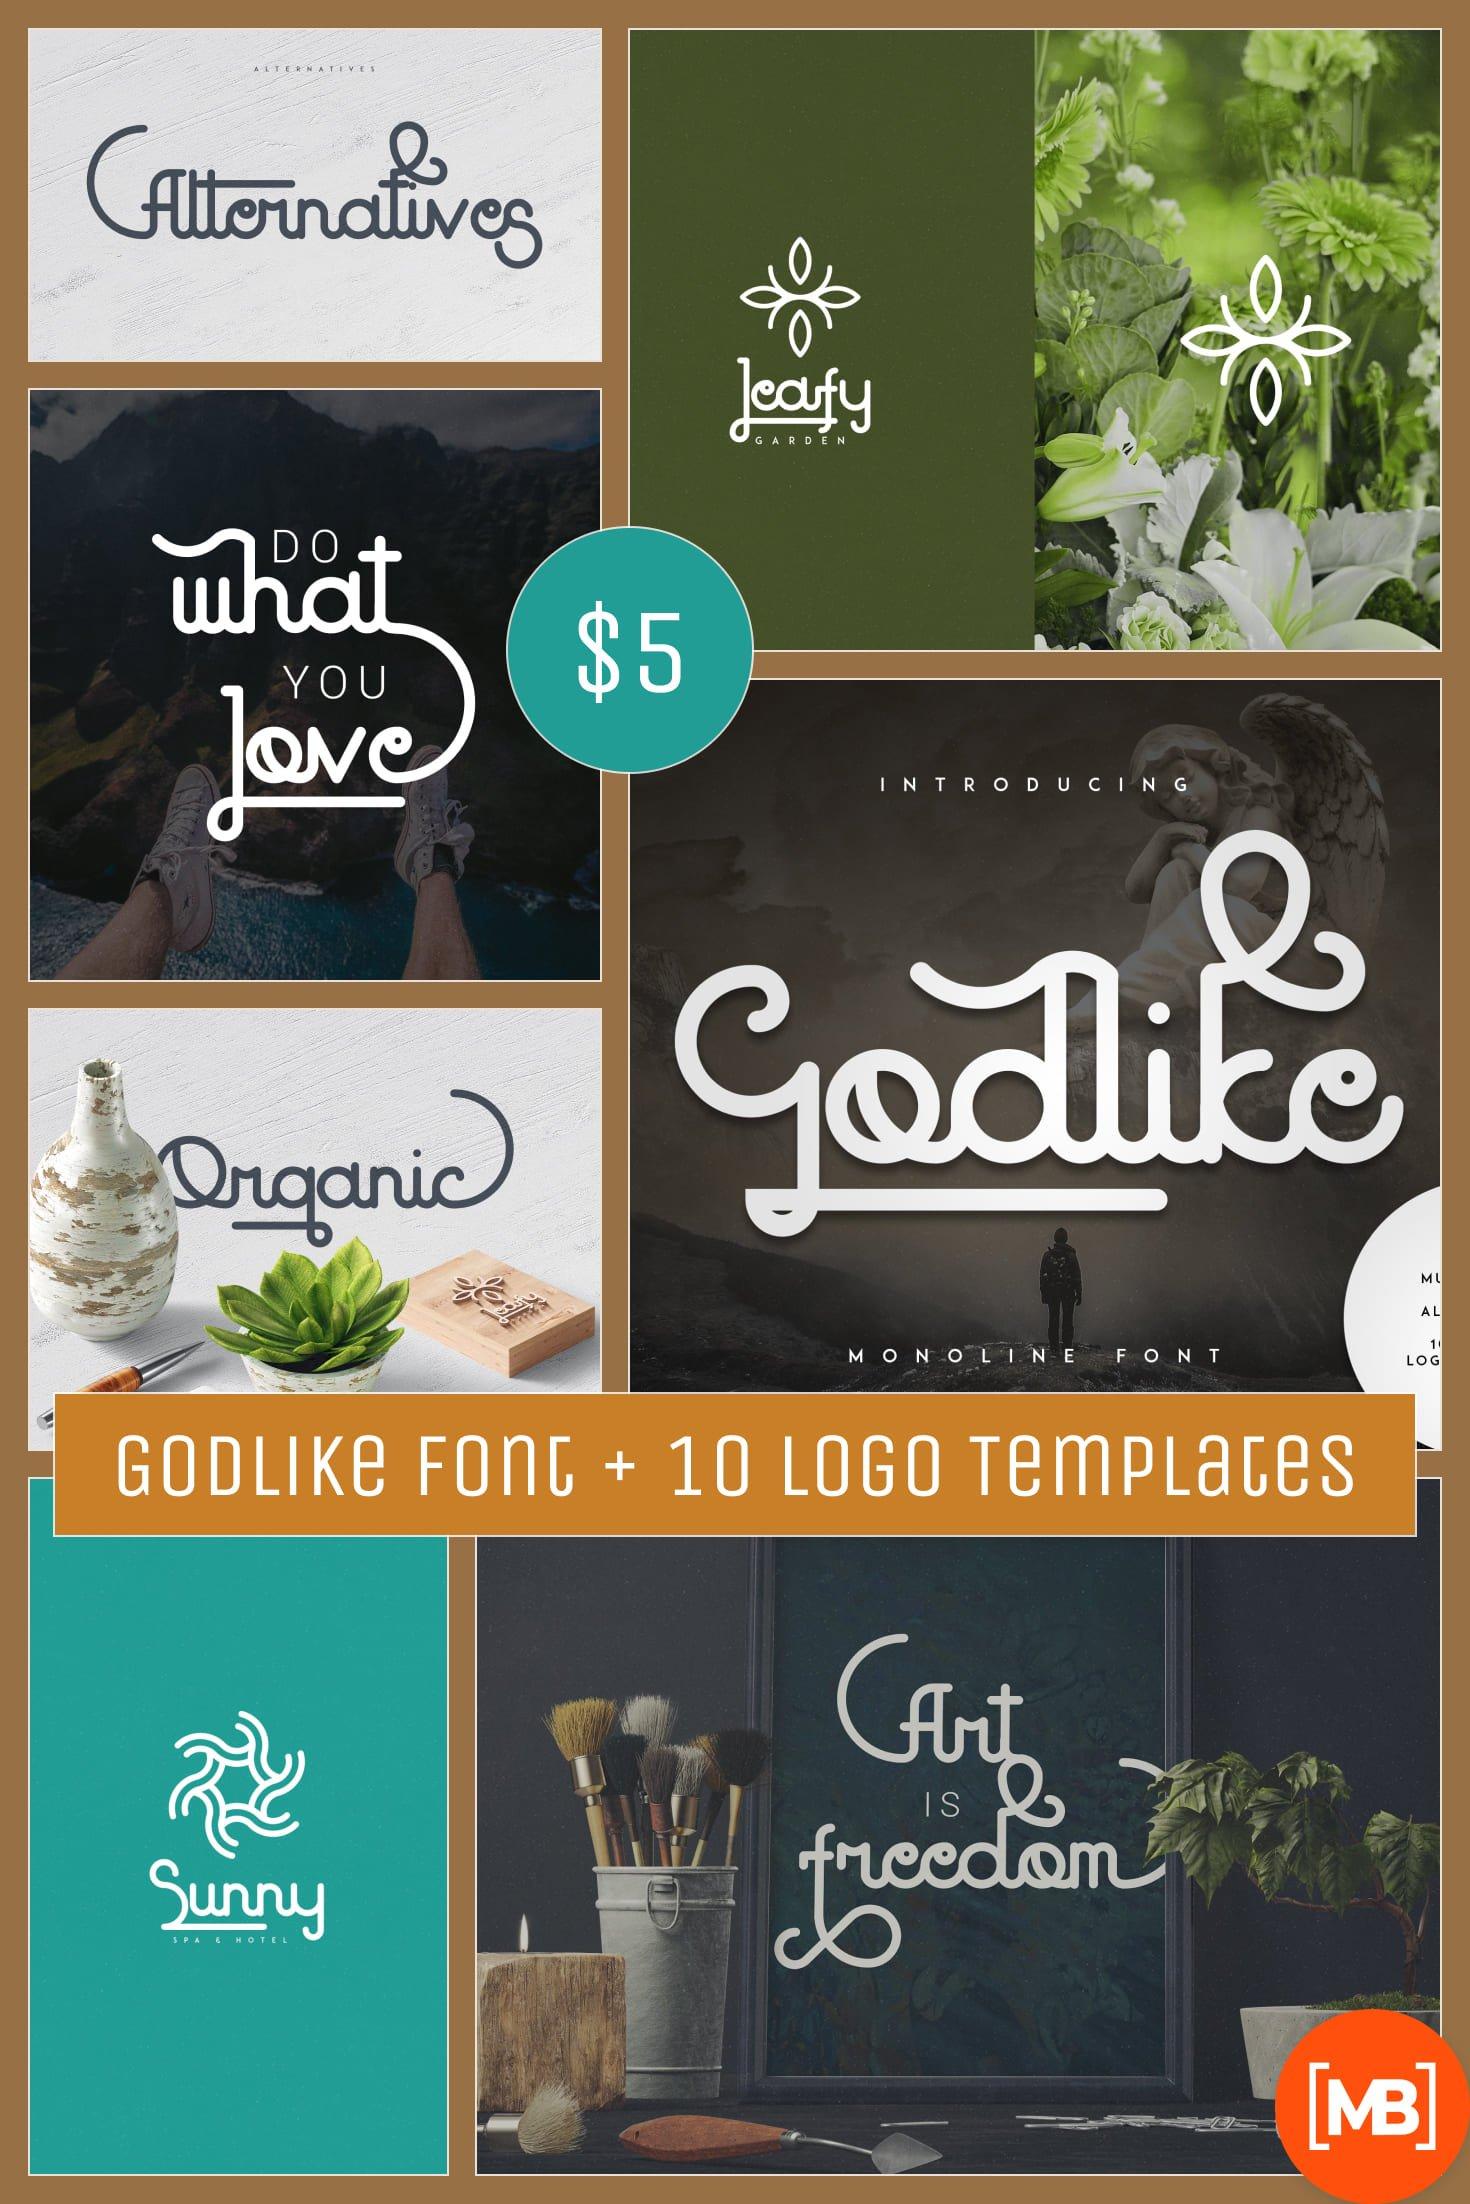 Godlike font + 10 Logo Templates. Collage Image.